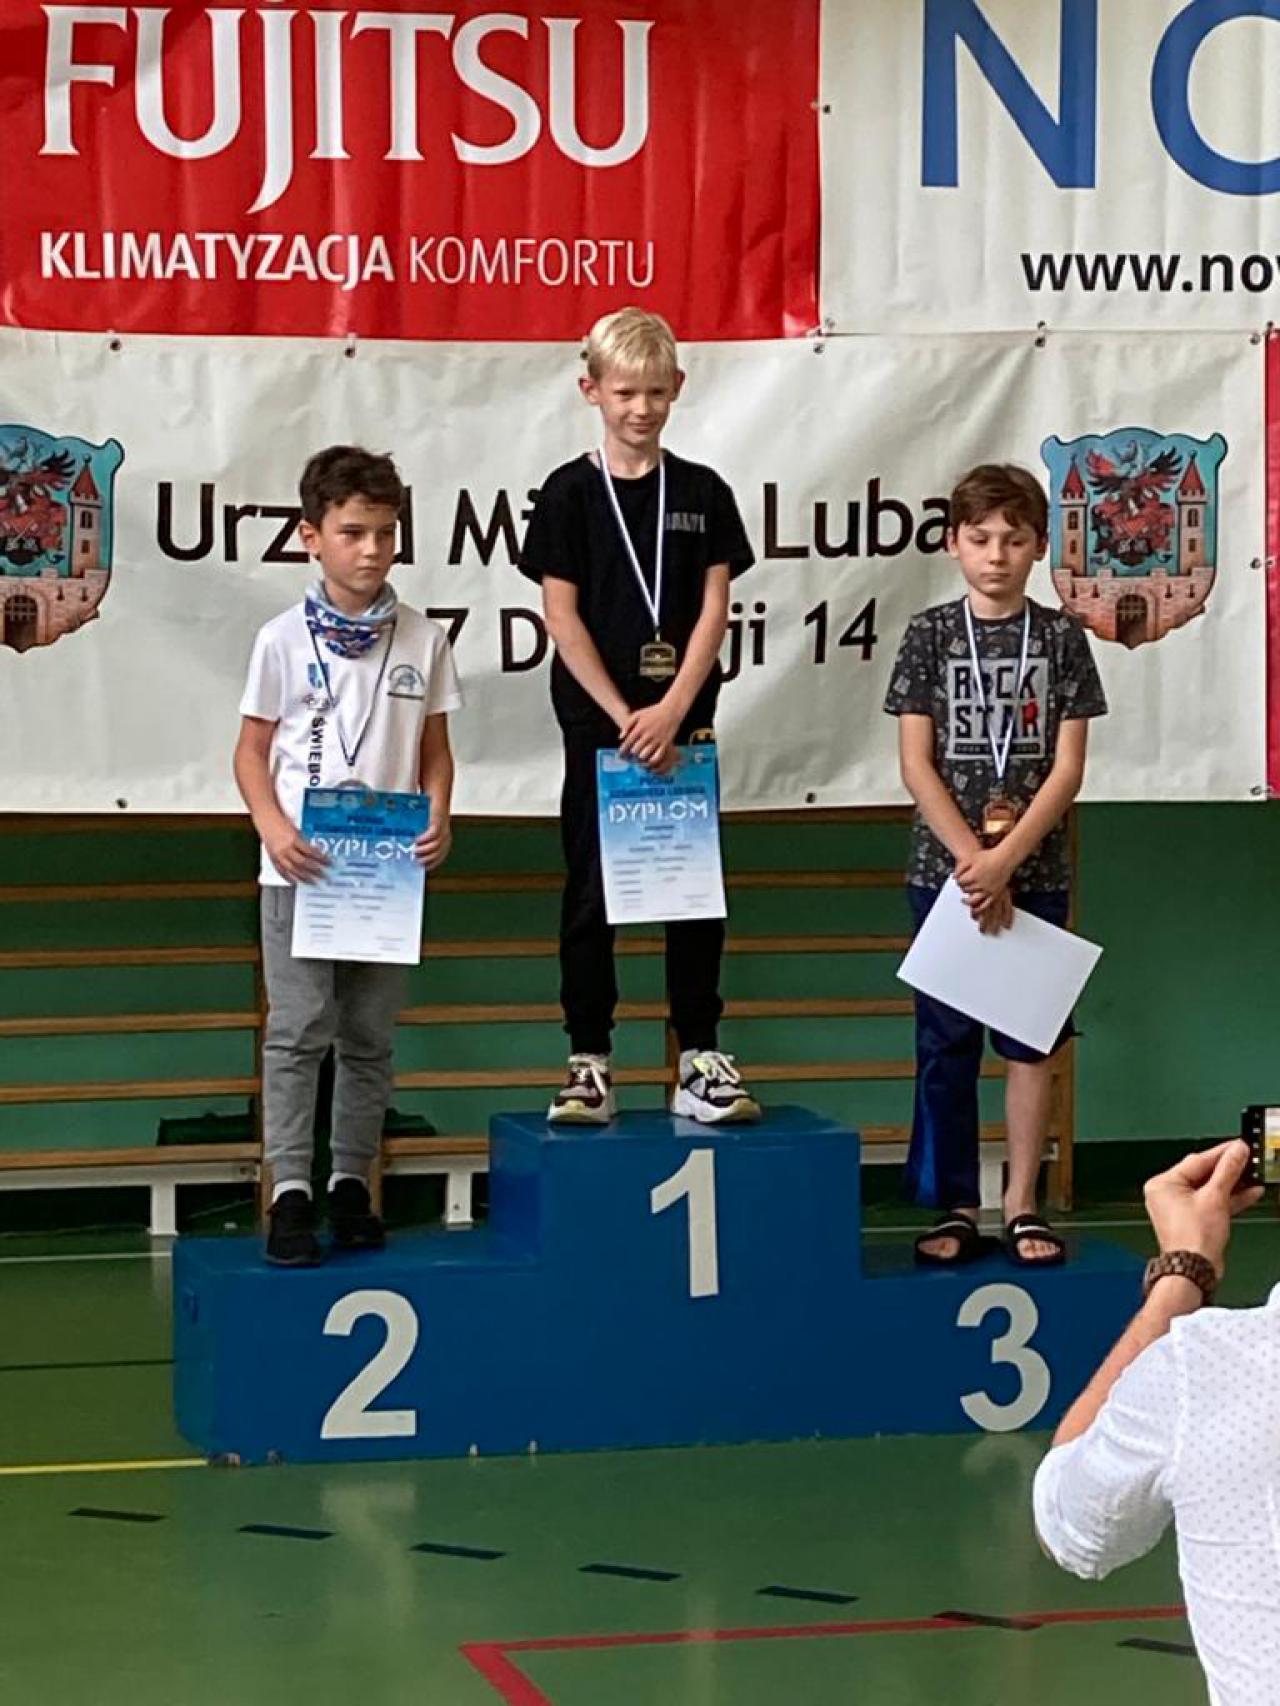 KS BALTI: rewelacyjne wyniki młodych pływaków w Lubaniu